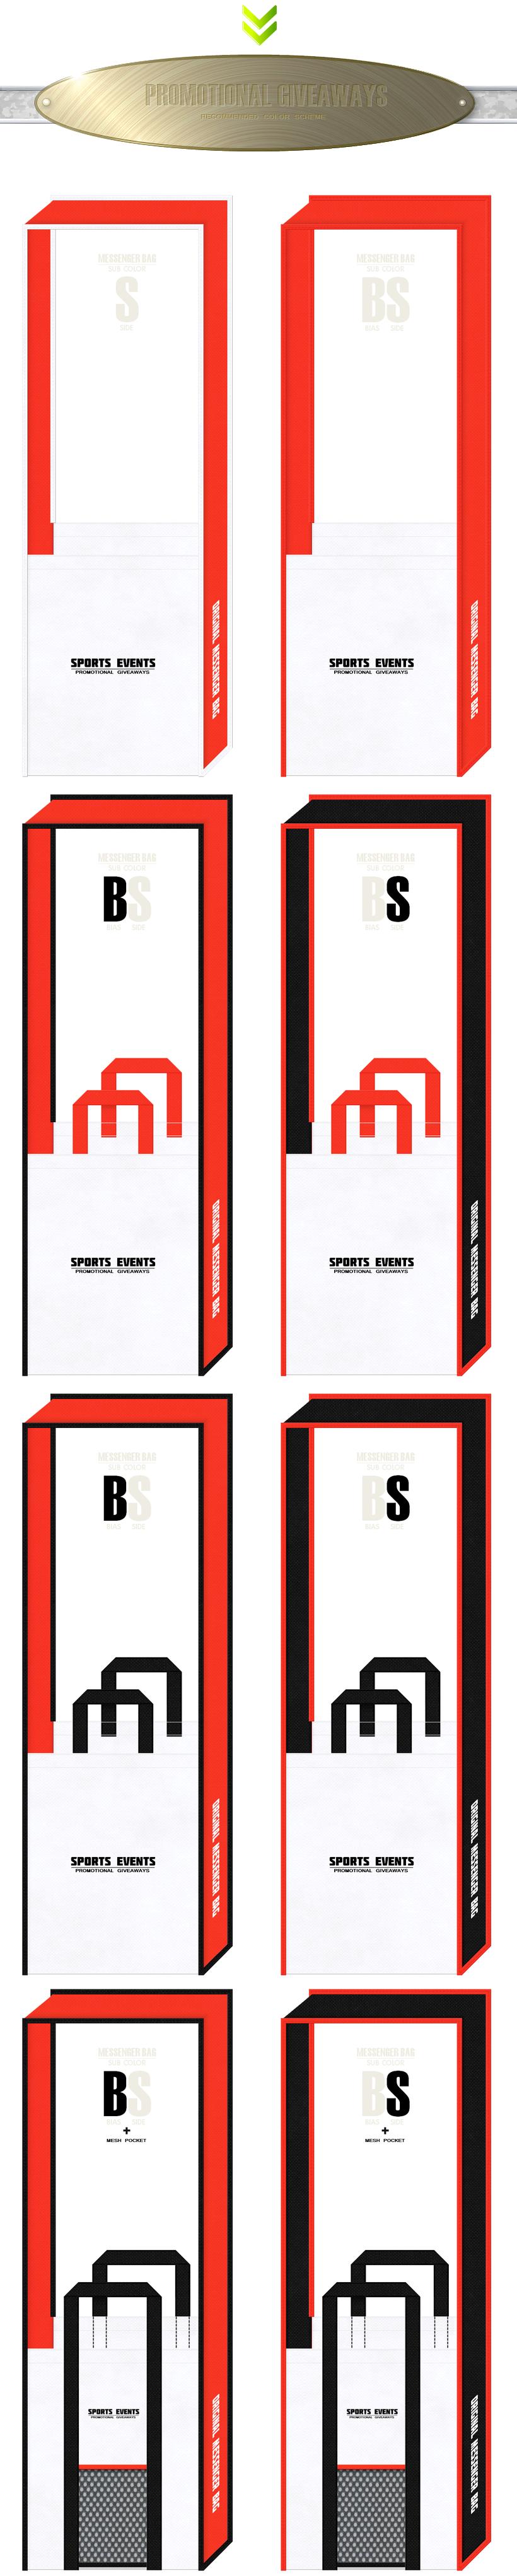 白色とオレンジ色をメインに使用した、不織布メッセンジャーバッグのカラーシミュレーション:スポーツイベントのノベルティ